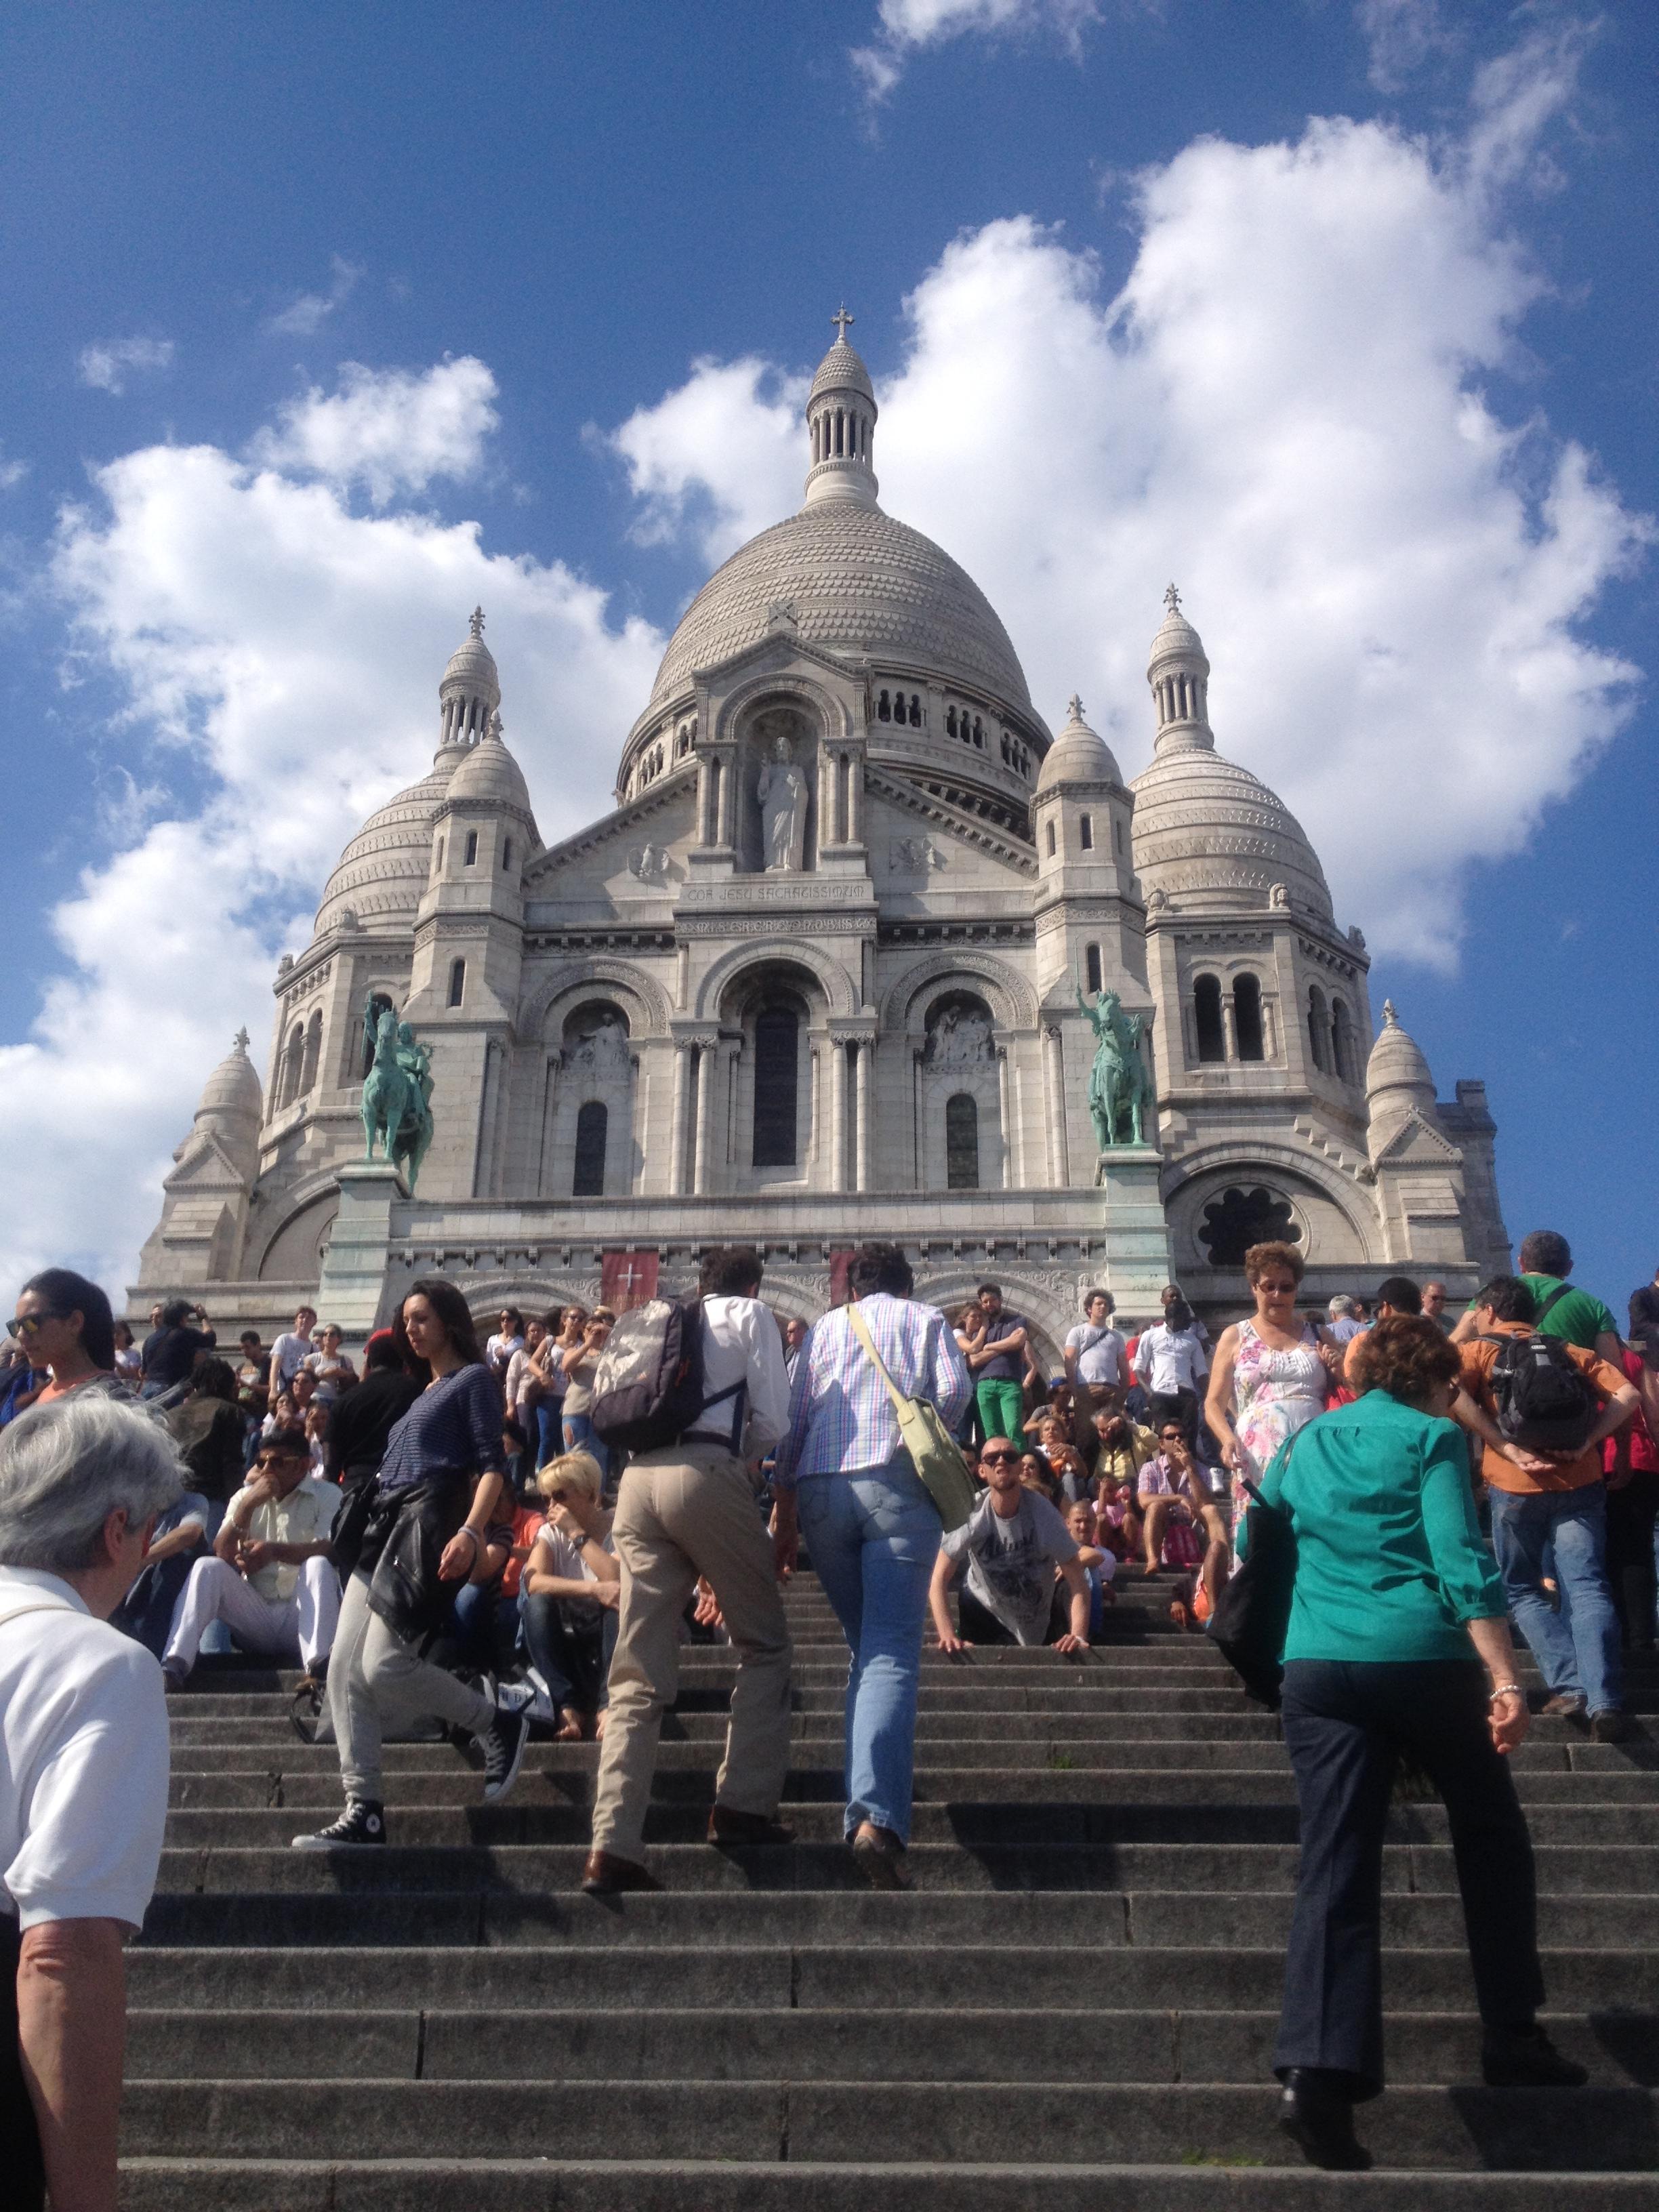 Sacré-Cœur Basilica in Paris, France.